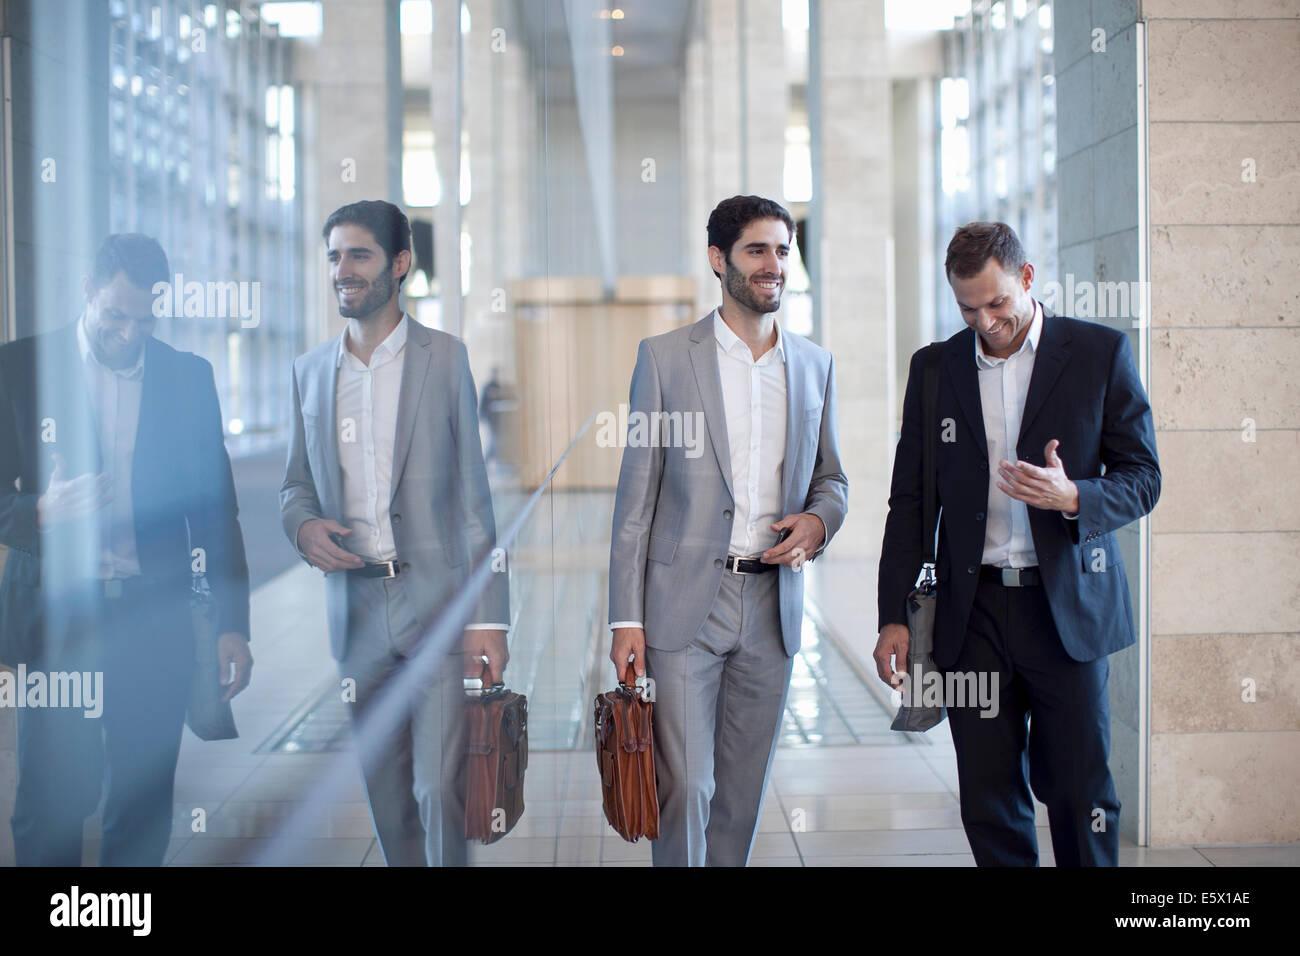 Due giovani imprenditori camminando e chiacchierando in conference centre Immagini Stock